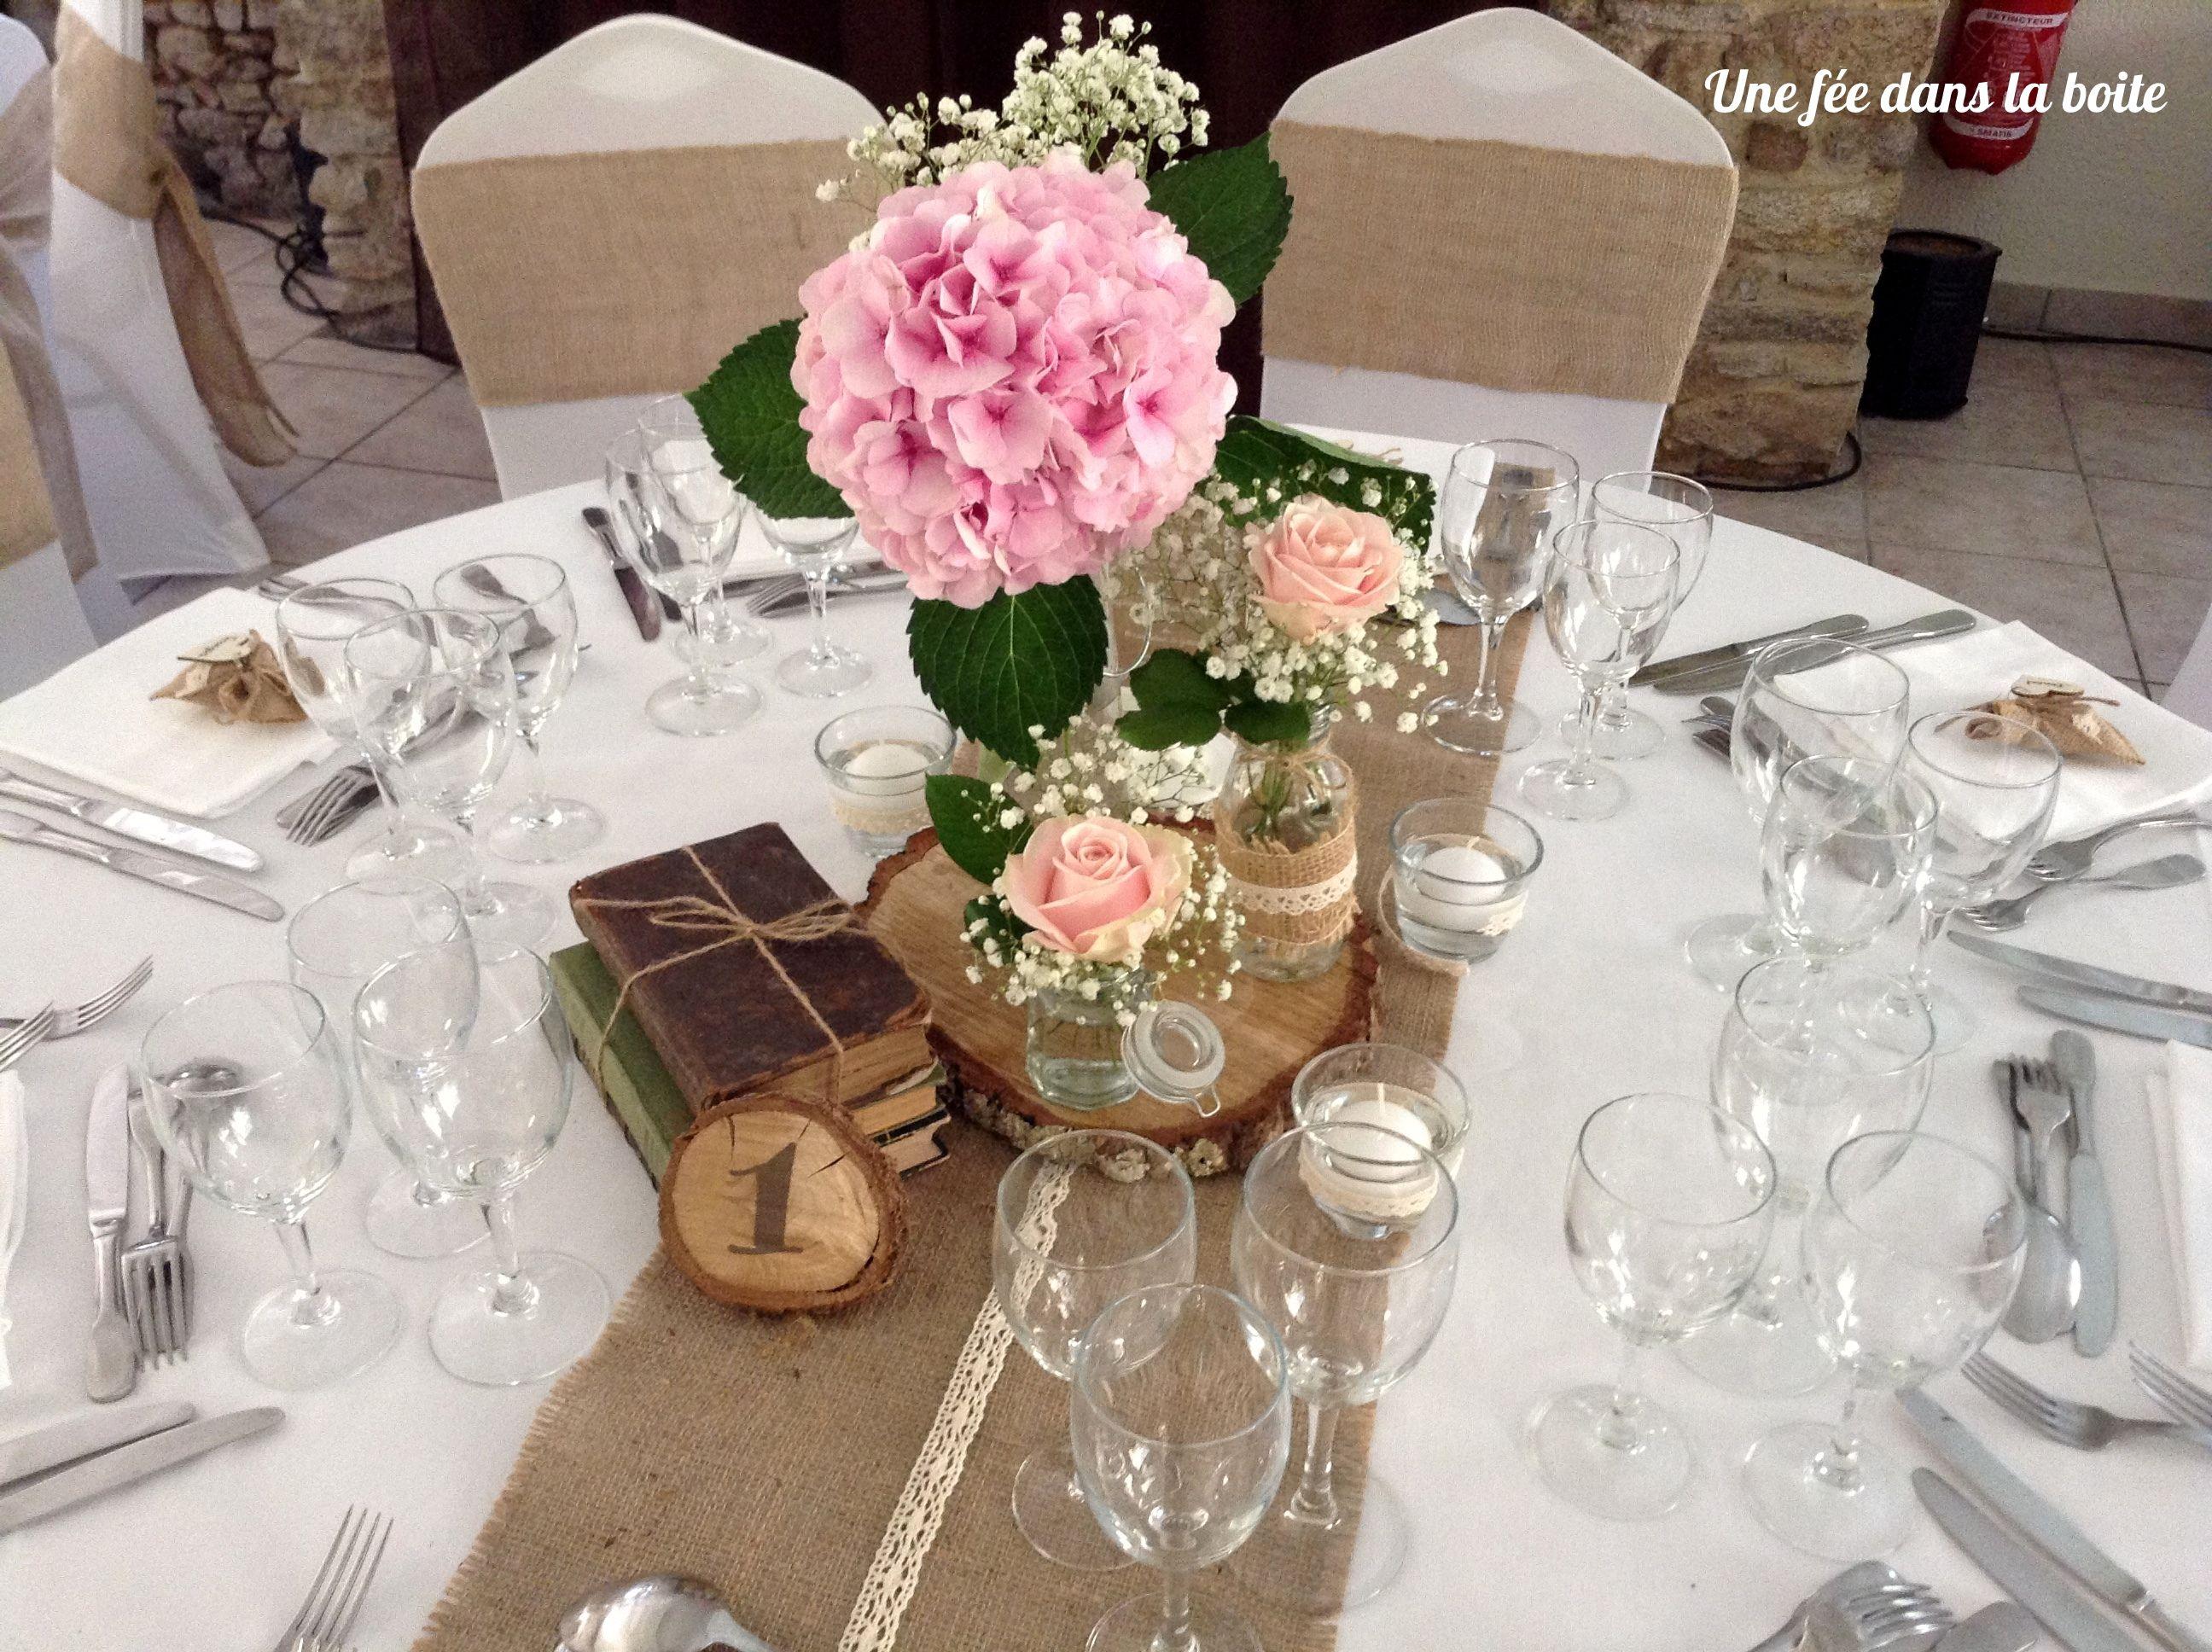 Cherche id e mariage champ tre romantique d coration - Rondin de bois centre de table ...